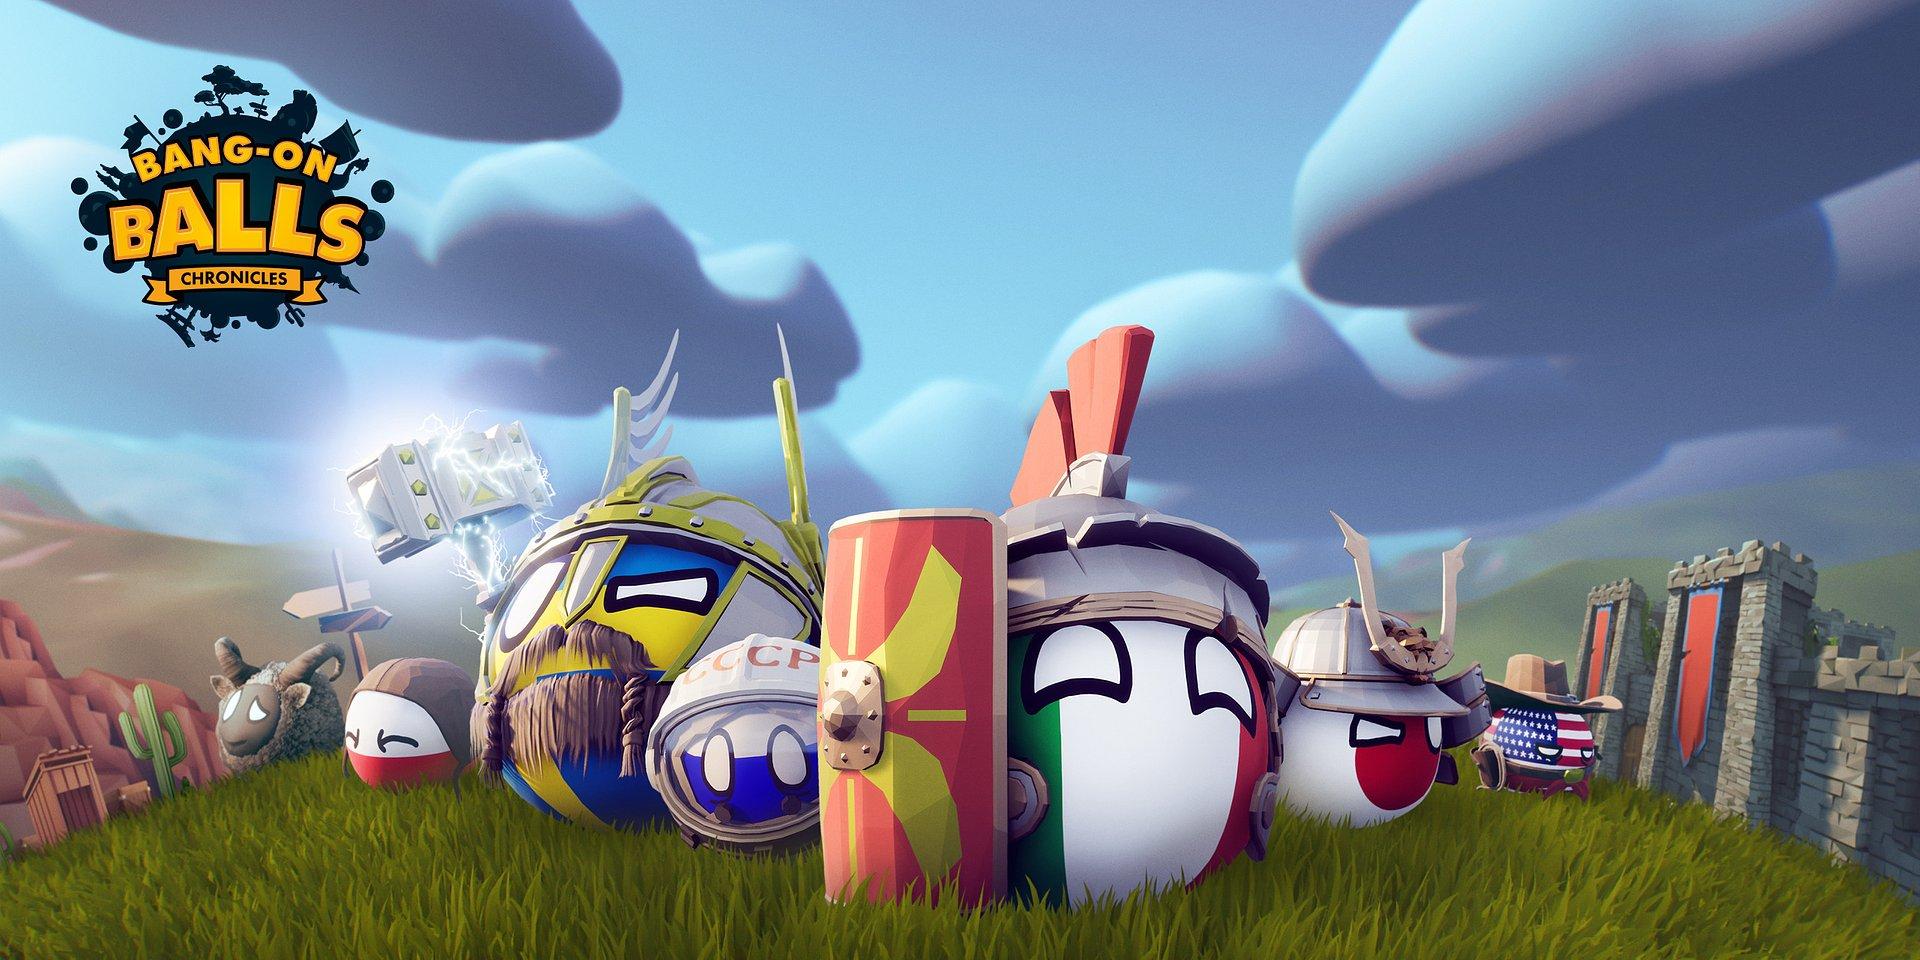 Exit Plan Games veröffentlicht mit Bang-On Balls: Chronicles - einen actiongeladenen, ballernden, Level-zerstörenden, geschichtsverändernden 3D-Plattformer!